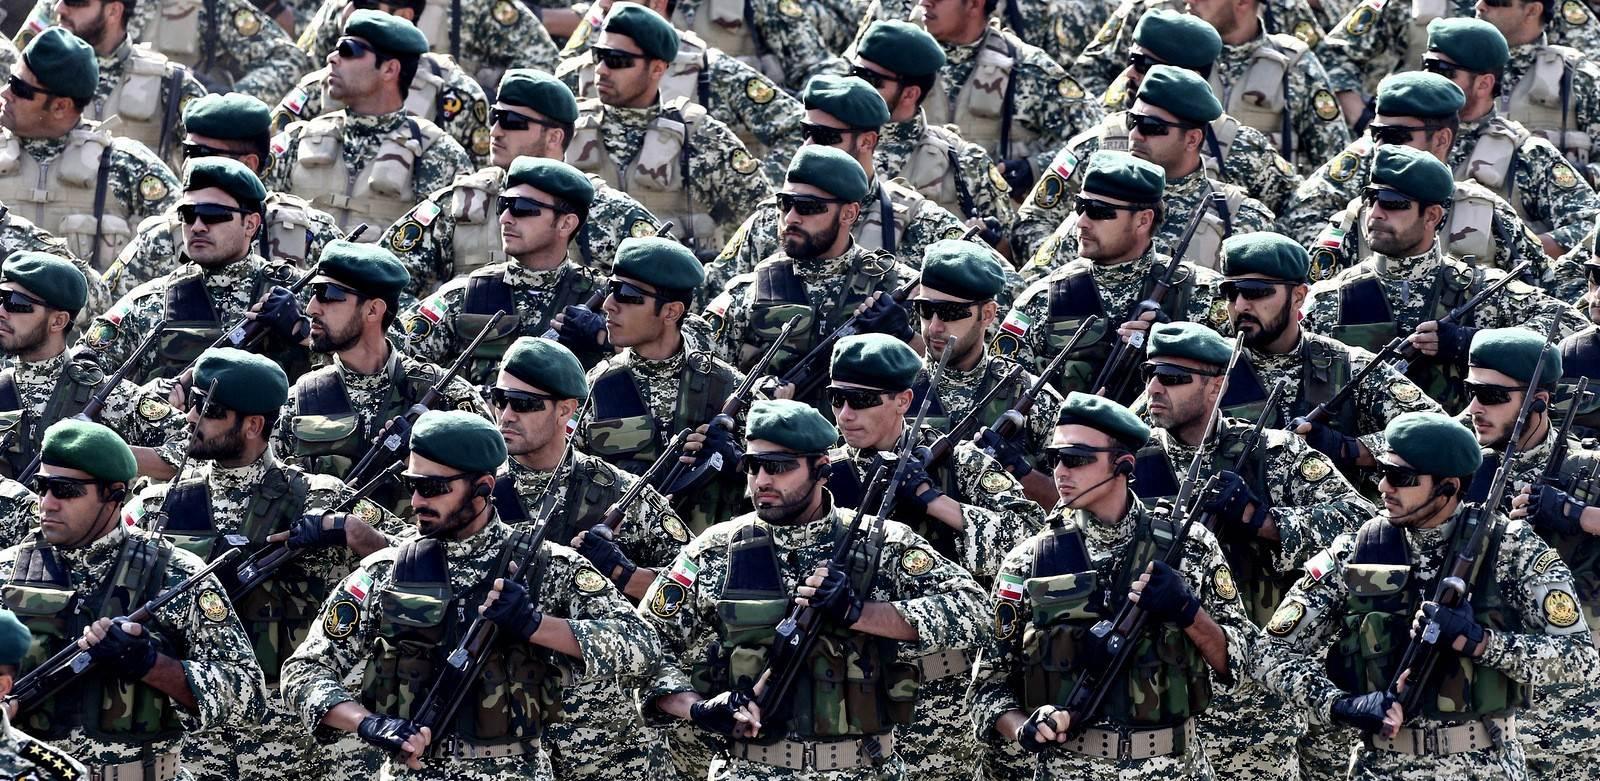 خامنئي يدعو الجيش إلى رفع جاهزيته وسط توتر مع إسرائيل